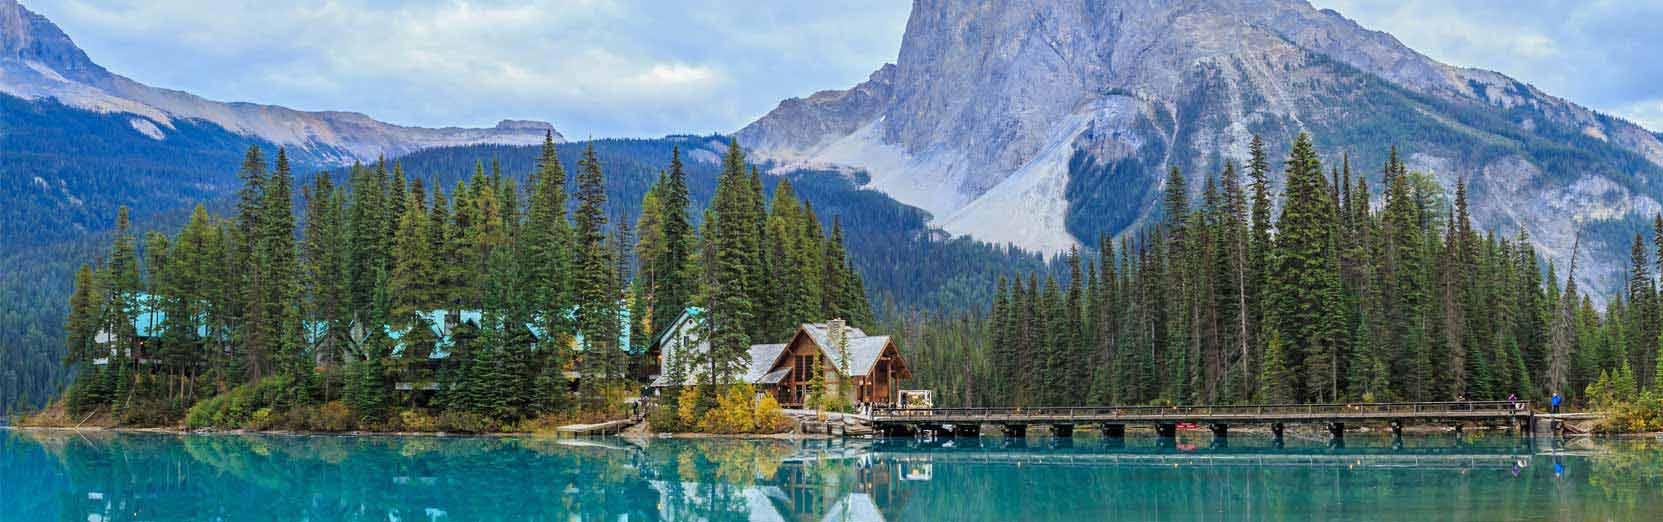 Auto mieten in Banff